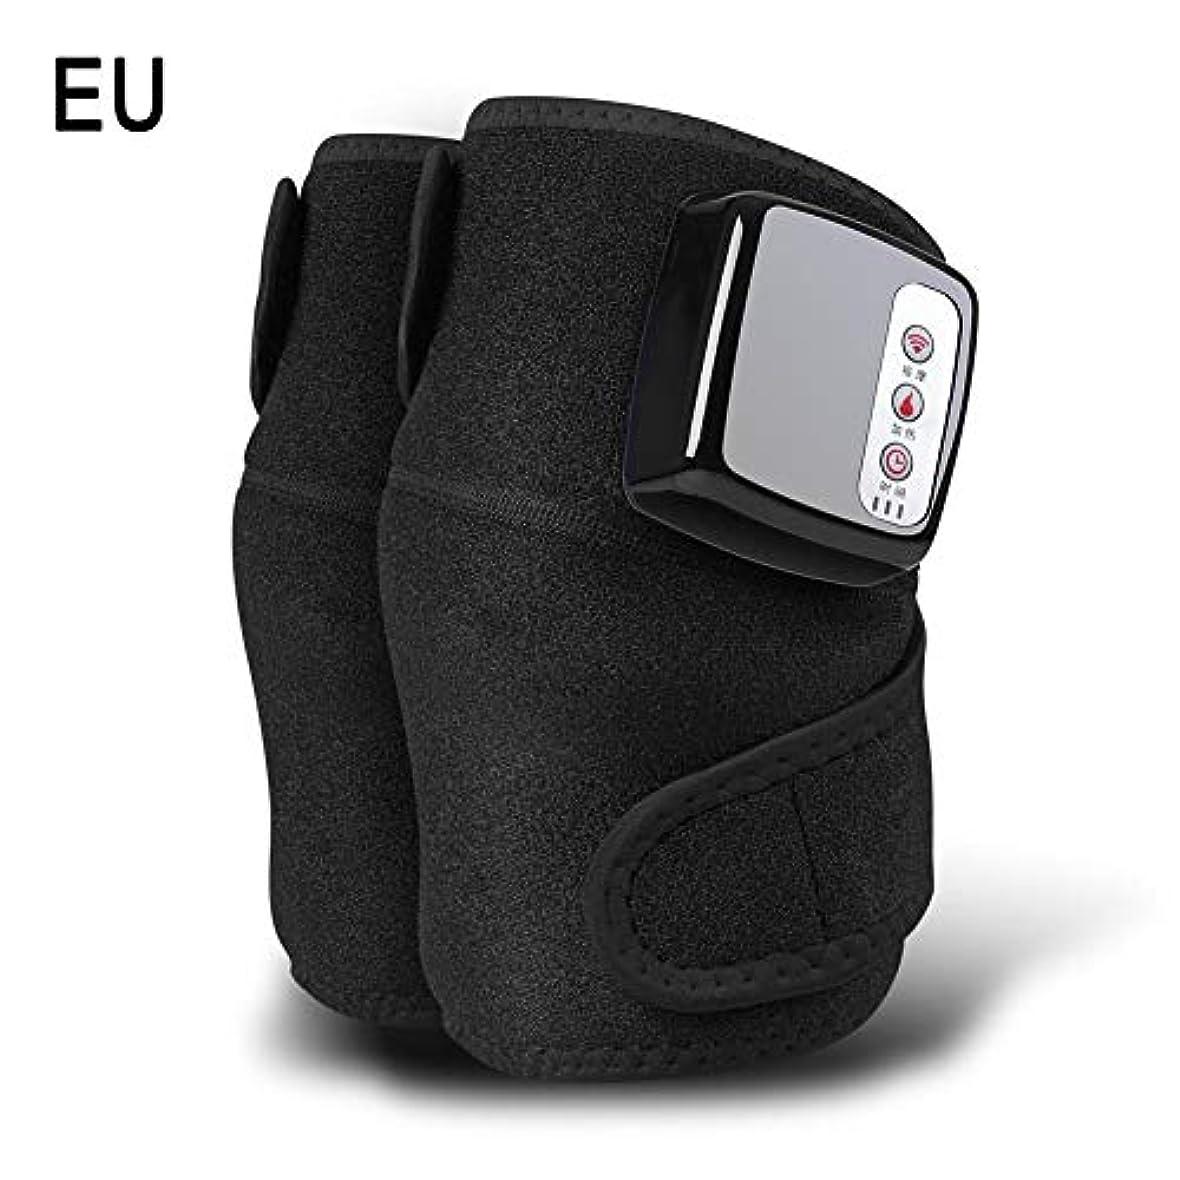 霊戦術膝マッサージャー、ホットコンプレス、振動、多機能充電式発熱膝マッサージャー、暖かい膝関節、古い冷たい脚